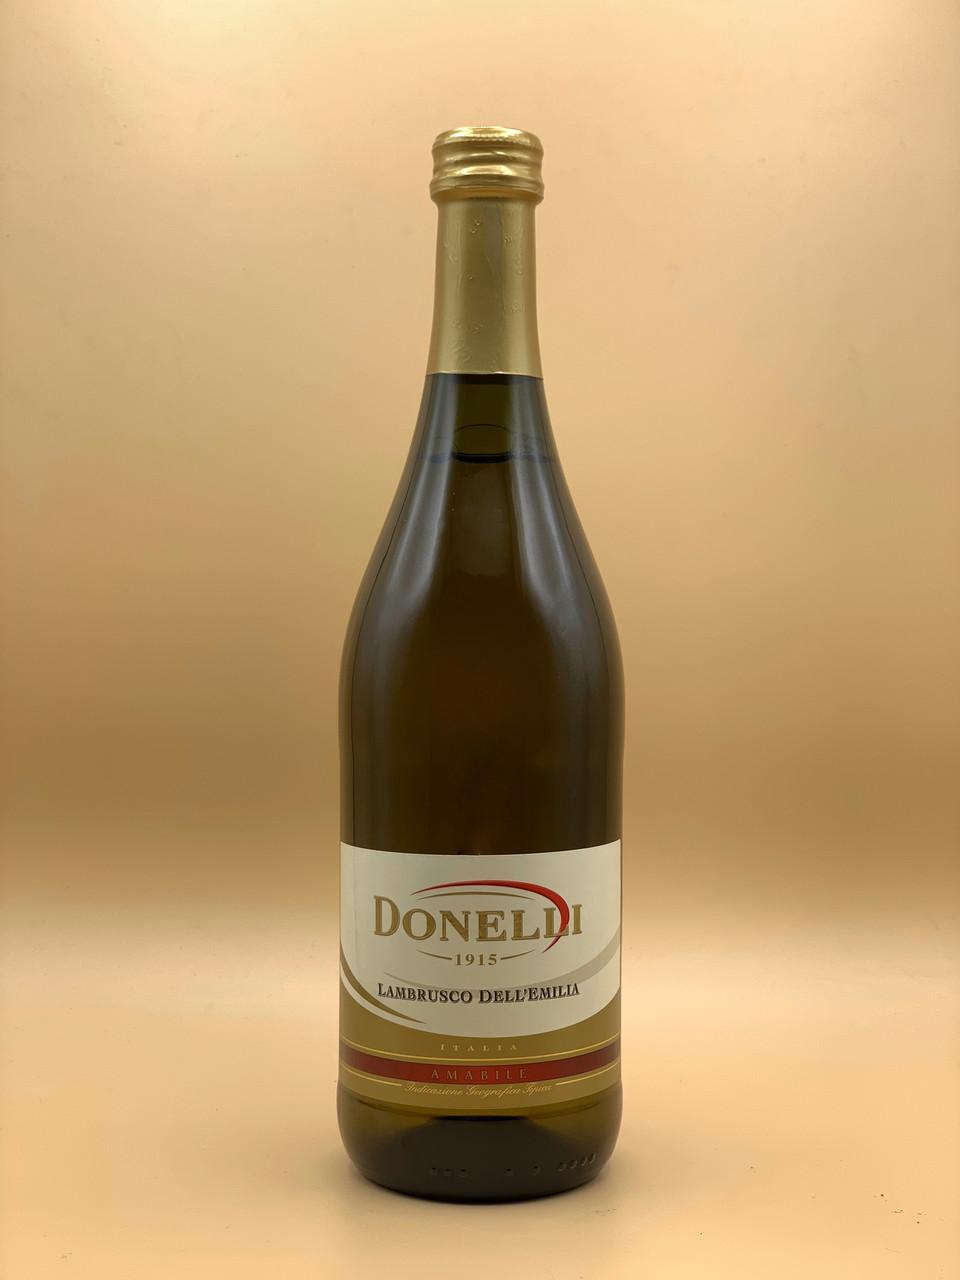 Игристое вино Donelli Lambrusco dellEmilia 0.75L Донелли Ламруско дельЭмилия 0.75л